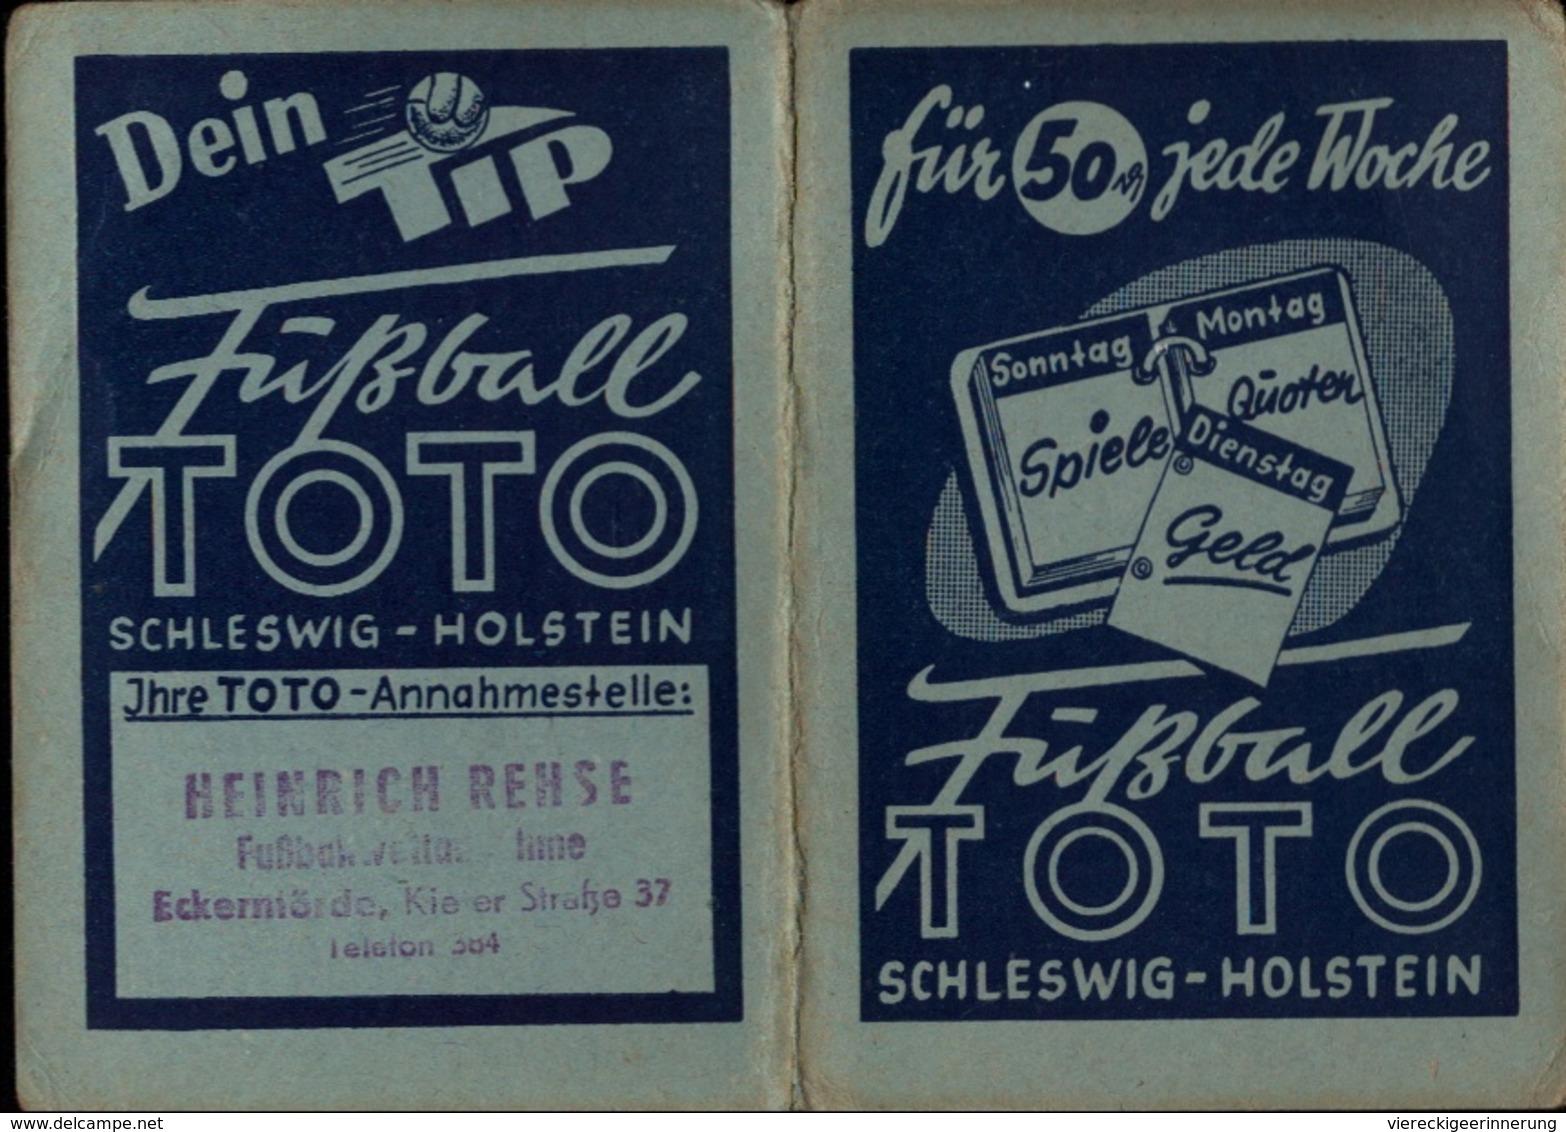 ! 1953 Taschenkalender Mit Reklame Für Fußball Toto Schleswig-Holstein, Eckernförde, Football, Calender, Old Paper - Kalender